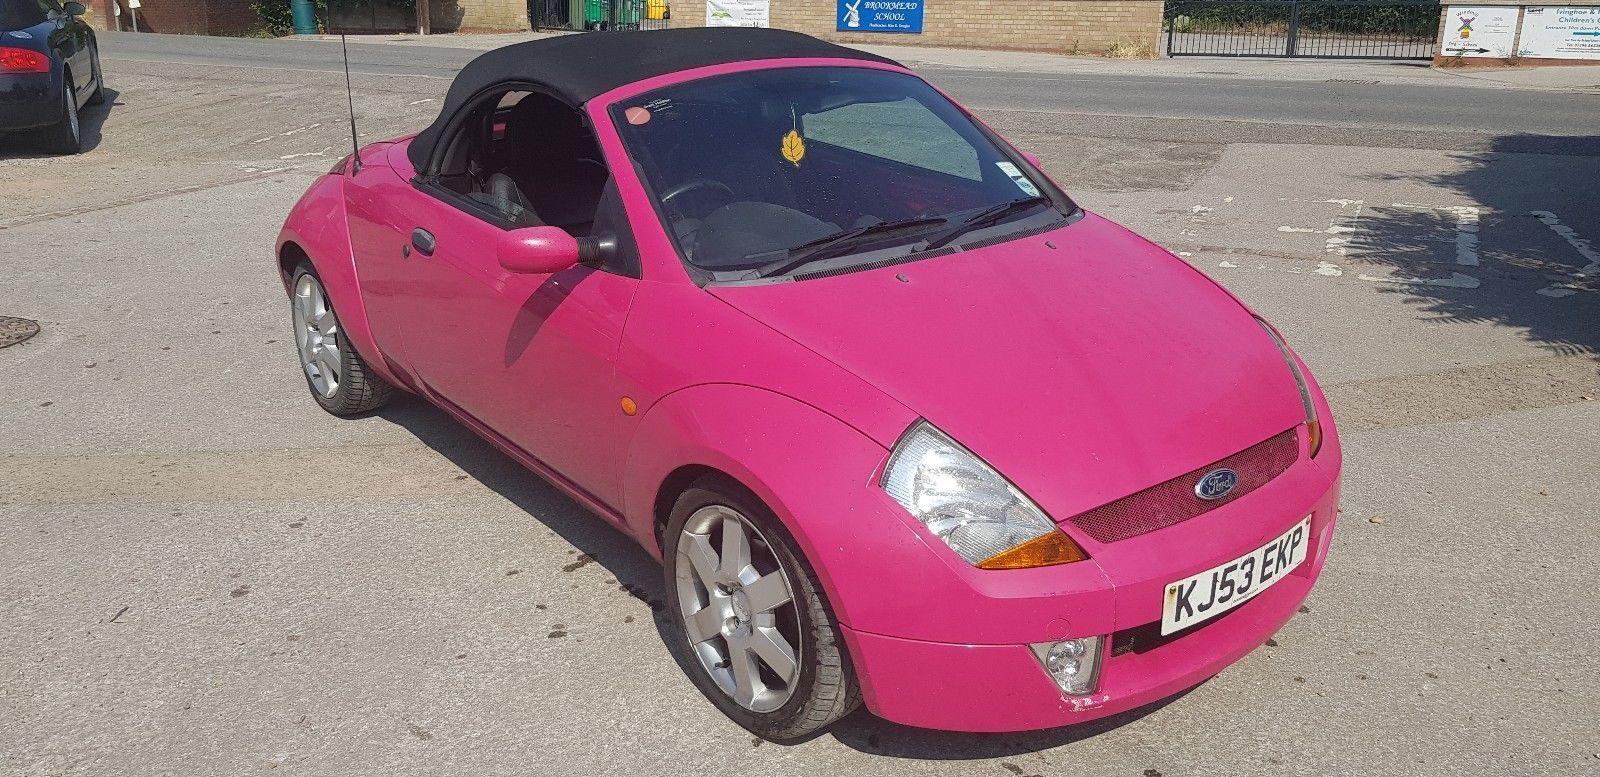 Ebay Pink Ford Ka Streetka Luxury Mot Leather   Convertible Spares Repair Look